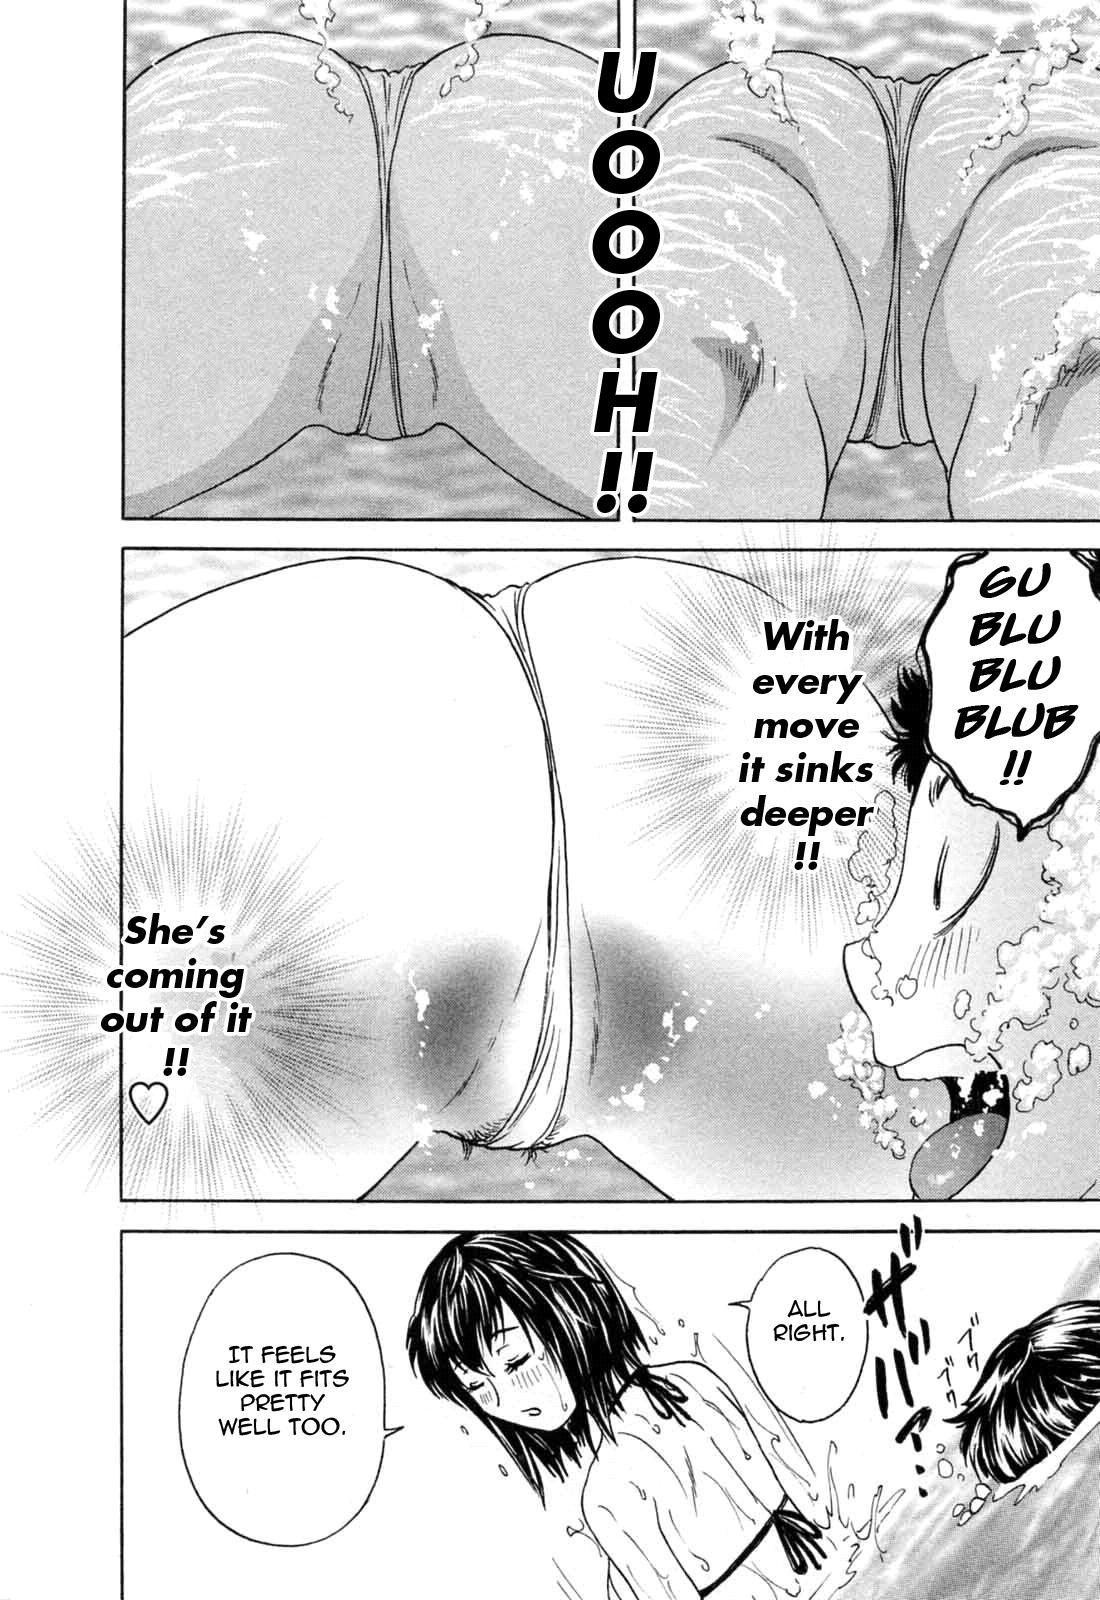 [Hidemaru] Mo-Retsu! Boin Sensei (Boing Boing Teacher) Vol.5 [English] [4dawgz] [Tadanohito] 123